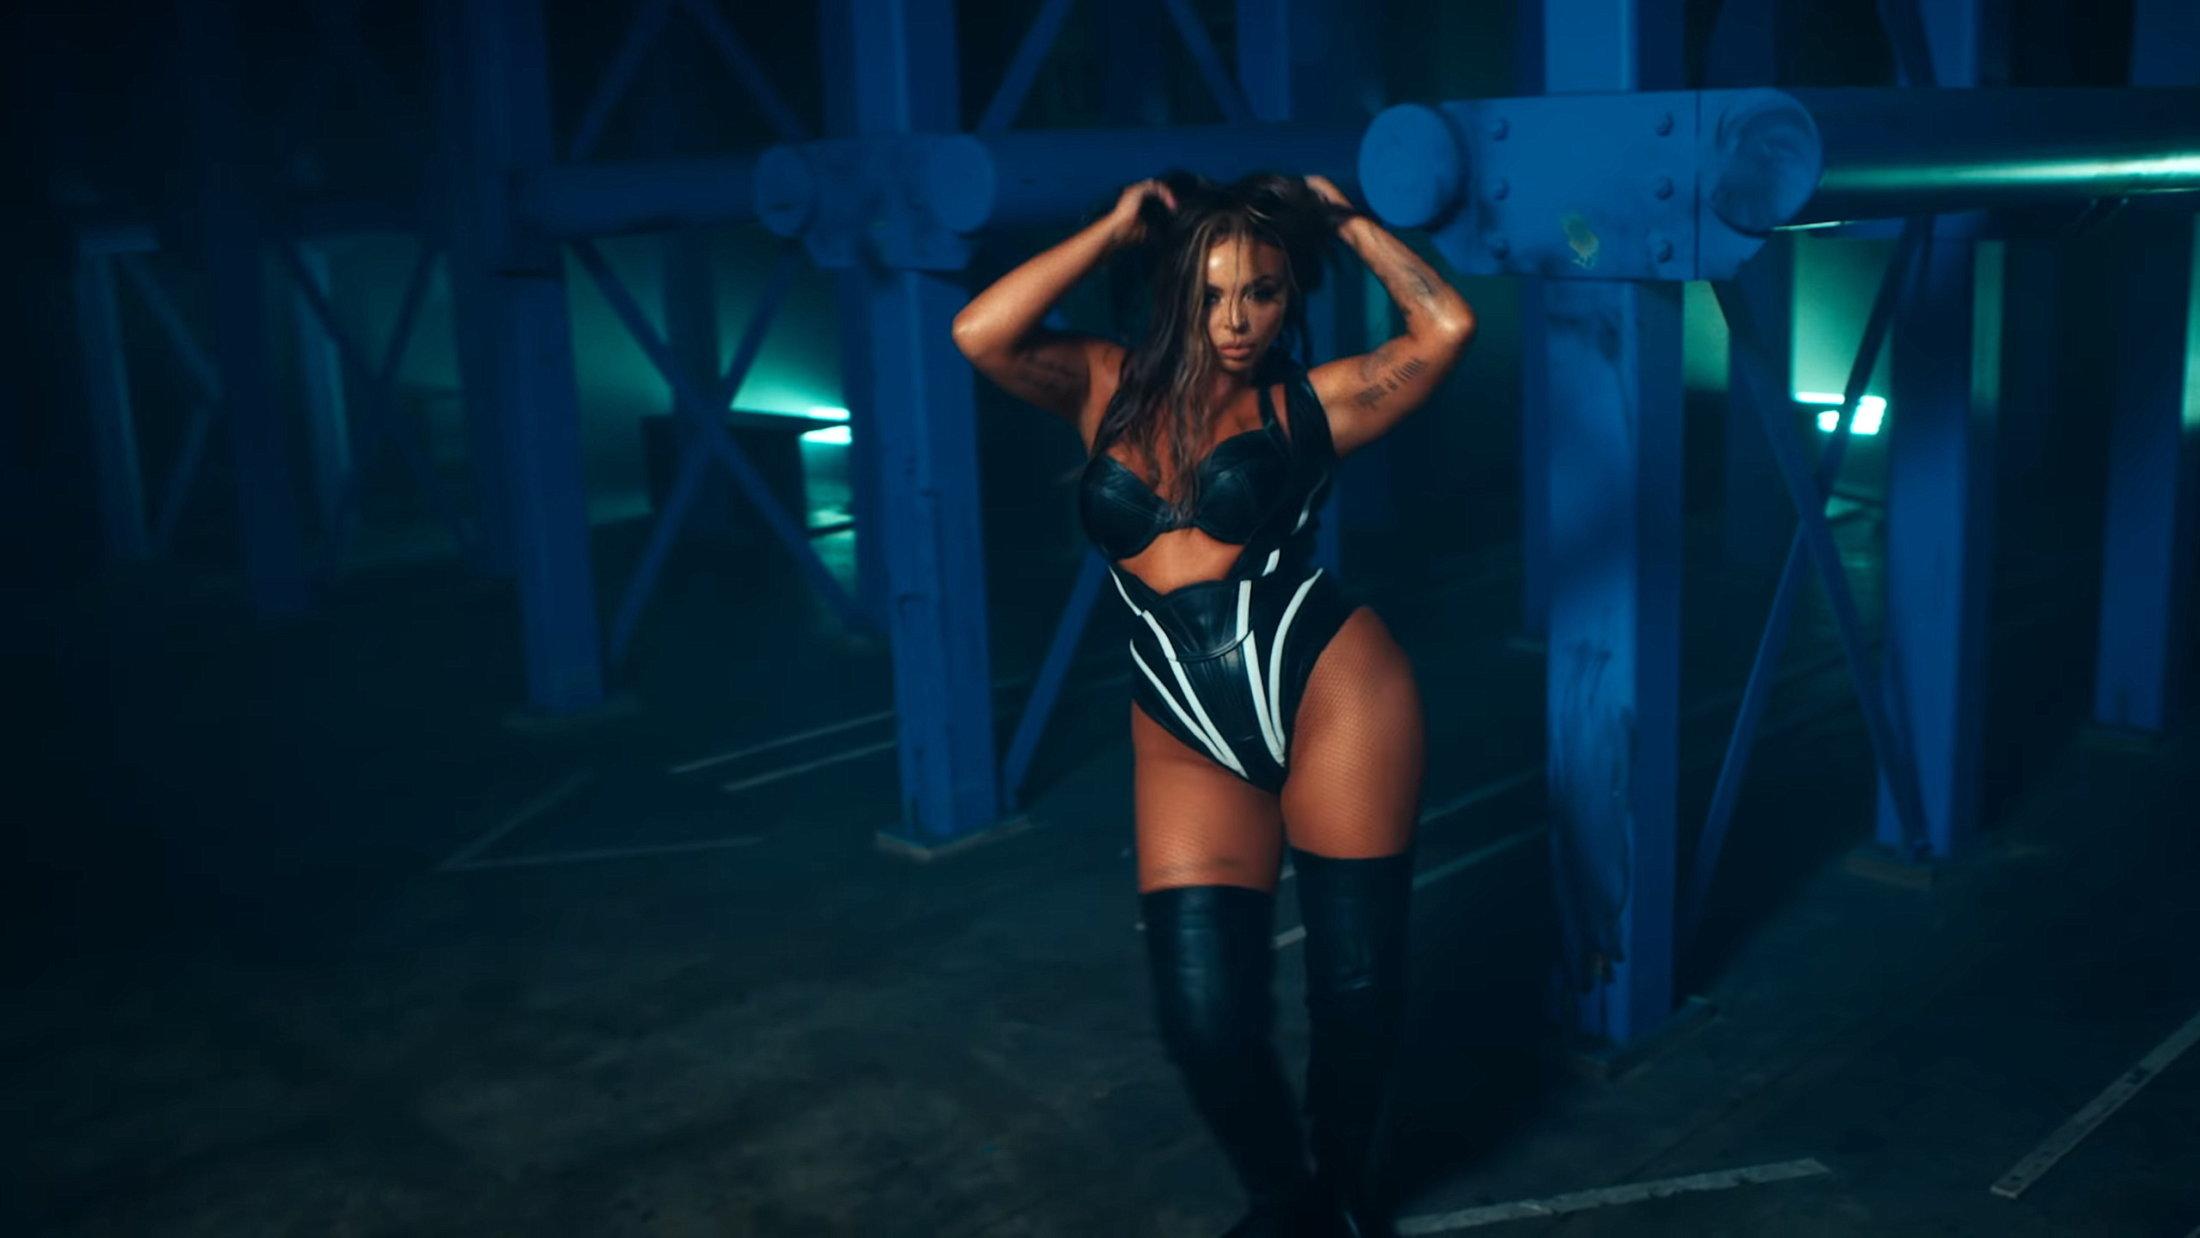 Little Mix - Sweet Melody (Official Video) 0-42 Screenshot